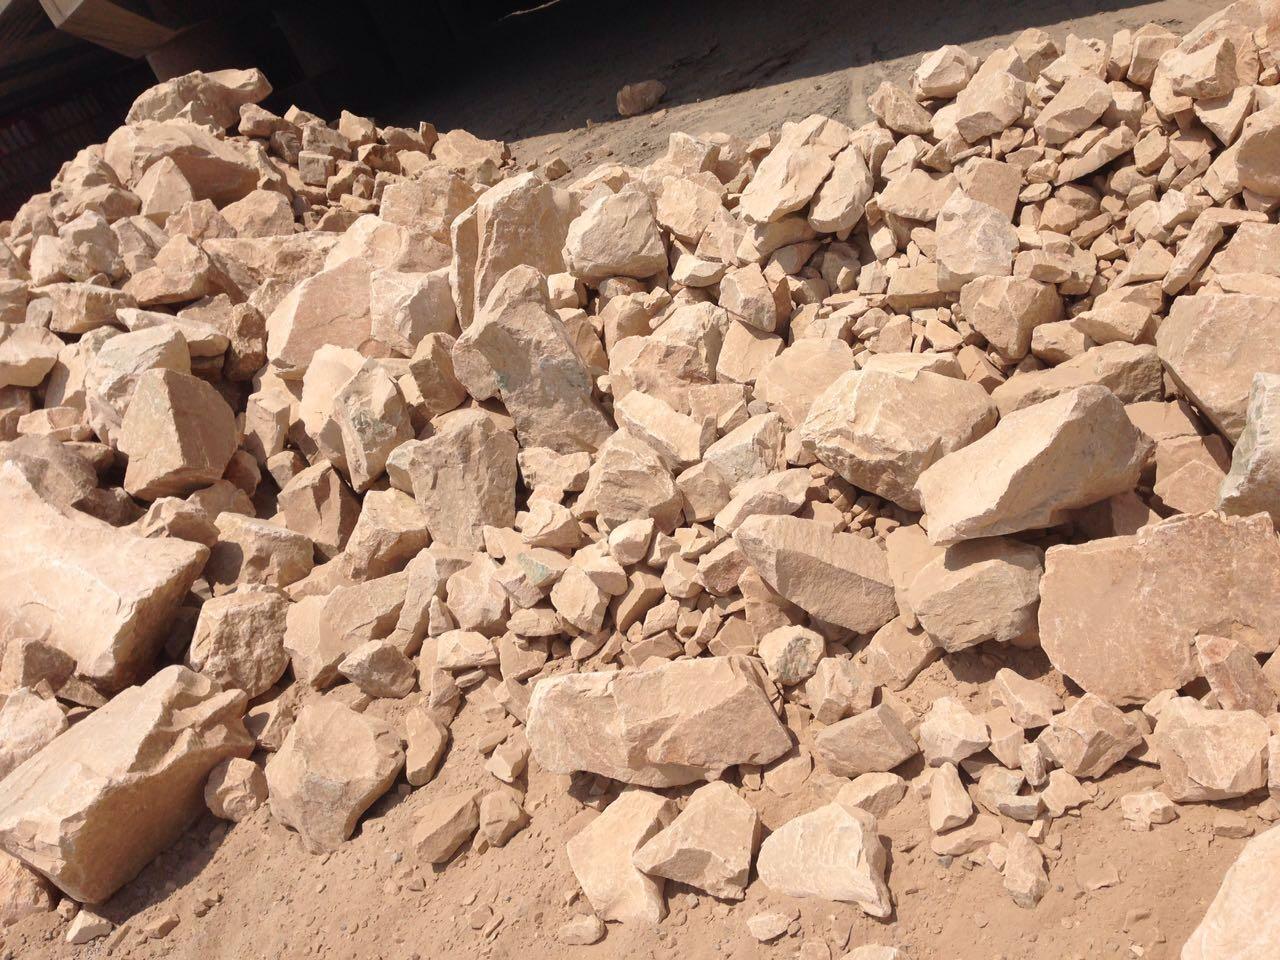 高质量钾长石粉末,钾长石矿石